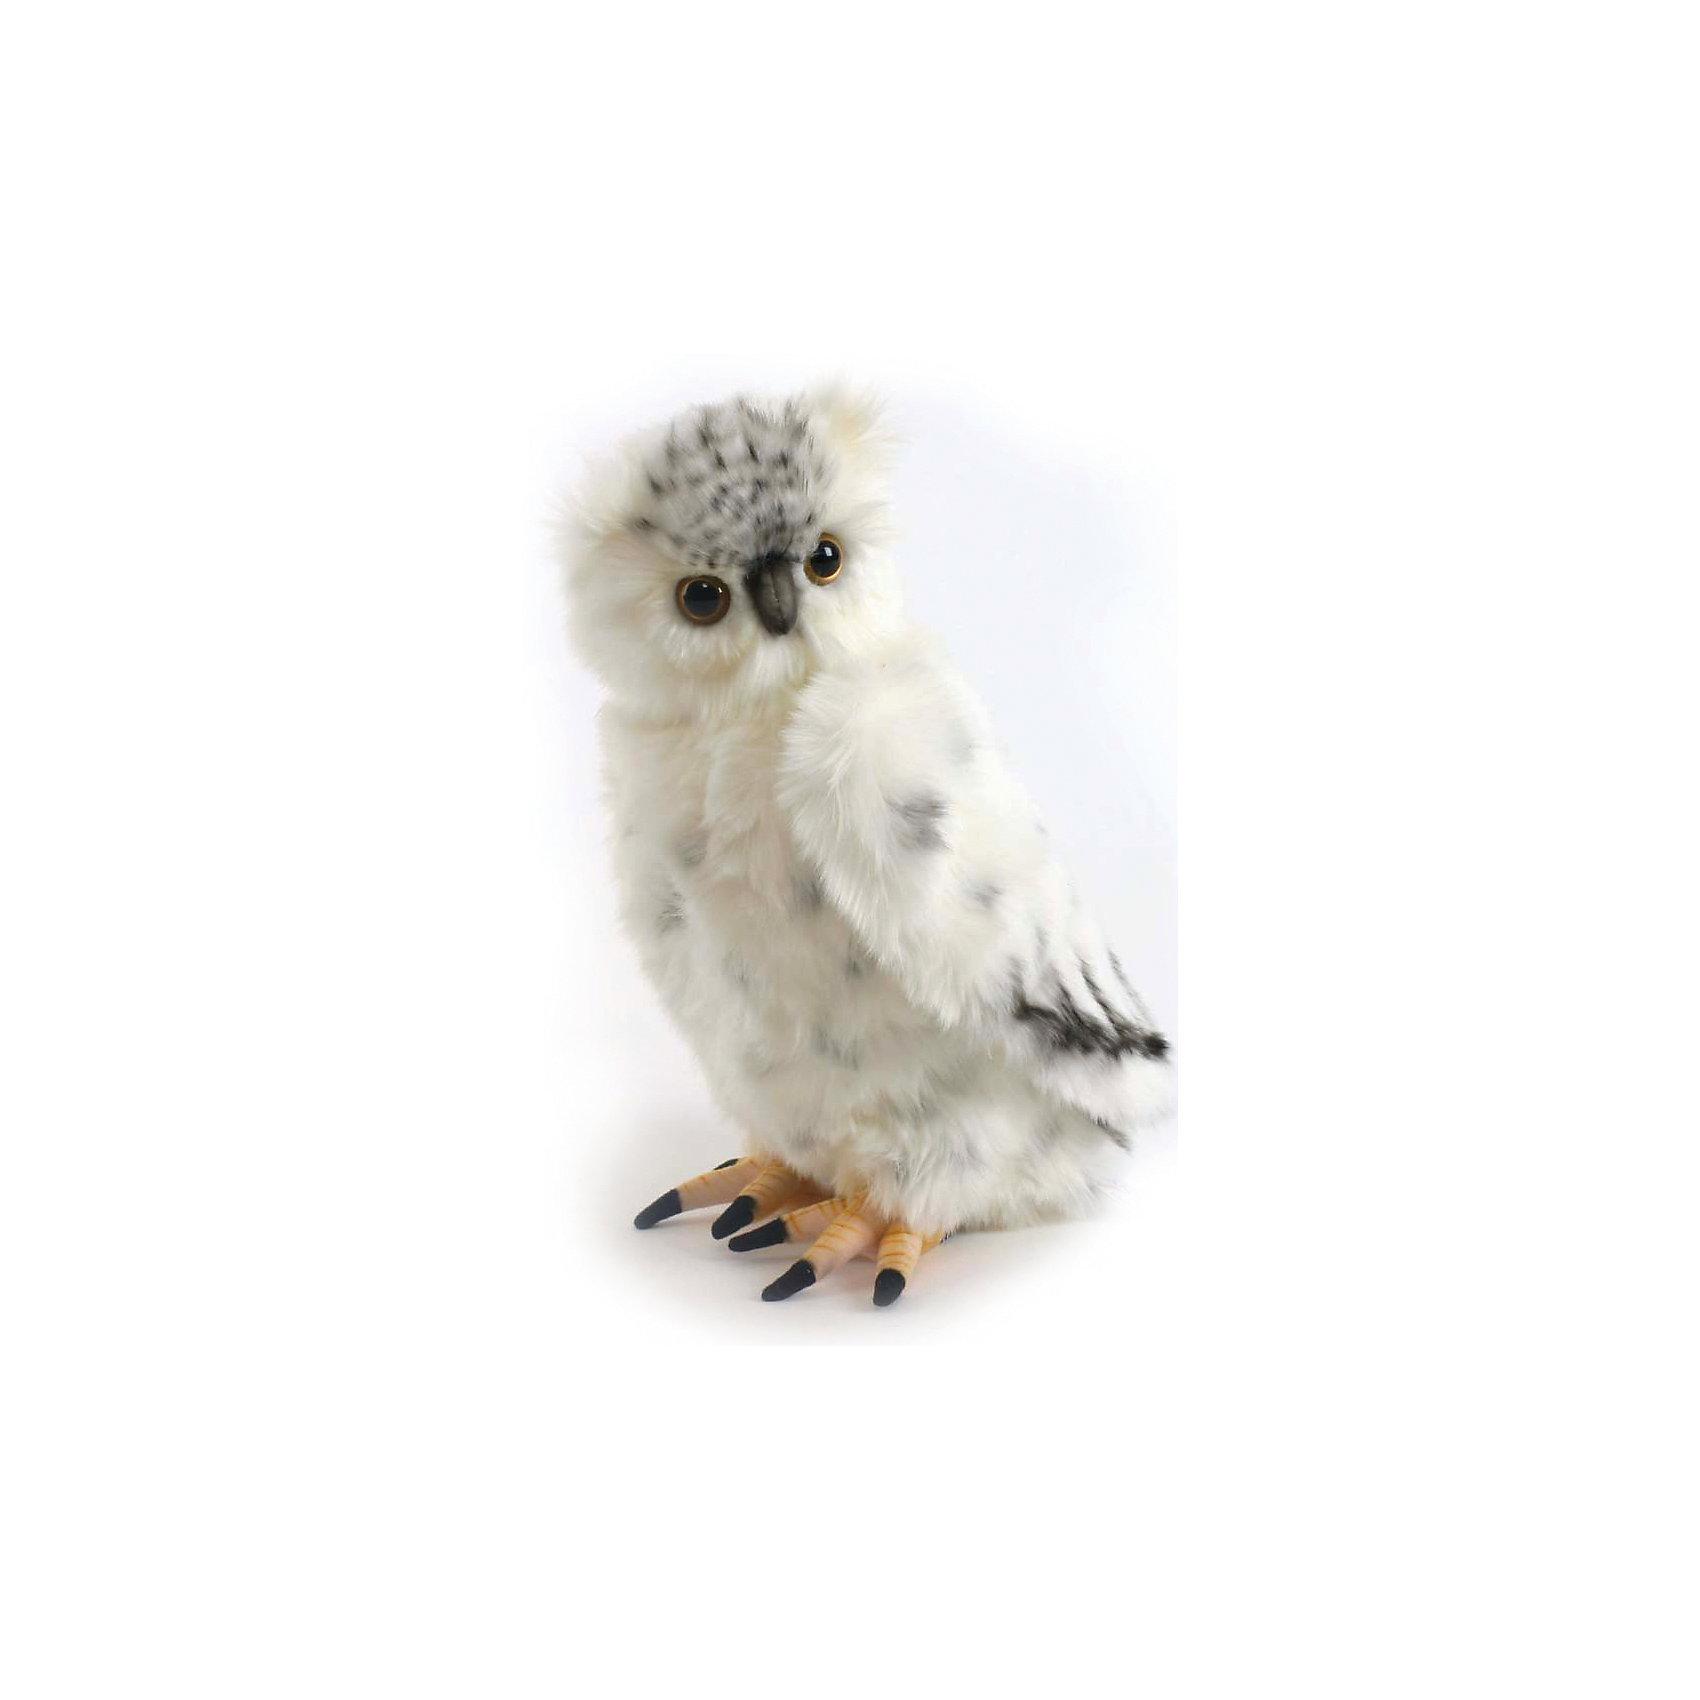 Полярная сова, 33 смЗвери и птицы<br>Полярная сова, 33 см – игрушка от знаменитого бренда Hansa, специализирующегося на выпуске мягких игрушек с высокой степенью натуралистичности. Внешний вид игрушечной совы полностью соответствует реальному прототипу – полярной сове. Игрушка выполнена из светлого меха с ворсом средней длины, который обладает гипоаллергенными свойствами. Внутри имеется металлический каркас, который позволяет изменять положение. Игрушка относится к серии Хищные птицы. <br>Мягкие игрушки от Hansa подходят для сюжетно-ролевых игр или для обучающих игр. Кроме того, их можно использовать в качестве интерьерных игрушек. Игрушки от Hansa будут радовать вашего ребенка долгое время, так как ручная работа и качественные материалы гарантируют их долговечность и прочность.<br><br>Дополнительная информация:<br><br>- Вид игр: сюжетно-ролевые игры, коллекционирование, интерьерные игрушки<br>- Предназначение: для дома, для детских развивающих центров, для детских садов<br>- Материал: искусственный мех, наполнитель ? полиэфирное волокно<br>- Размер (ДхШхВ): 18*33*6 см<br>- Вес: 690 г<br>- Особенности ухода: сухая чистка при помощи пылесоса или щетки для одежды<br><br>Подробнее:<br><br>• Для детей в возрасте: от 3 лет <br>• Страна производитель: Филиппины<br>• Торговый бренд: Hansa<br><br>Полярную сову, 33 см можно купить в нашем интернет-магазине.<br><br>Ширина мм: 18<br>Глубина мм: 33<br>Высота мм: 6<br>Вес г: 690<br>Возраст от месяцев: 36<br>Возраст до месяцев: 2147483647<br>Пол: Унисекс<br>Возраст: Детский<br>SKU: 4927166